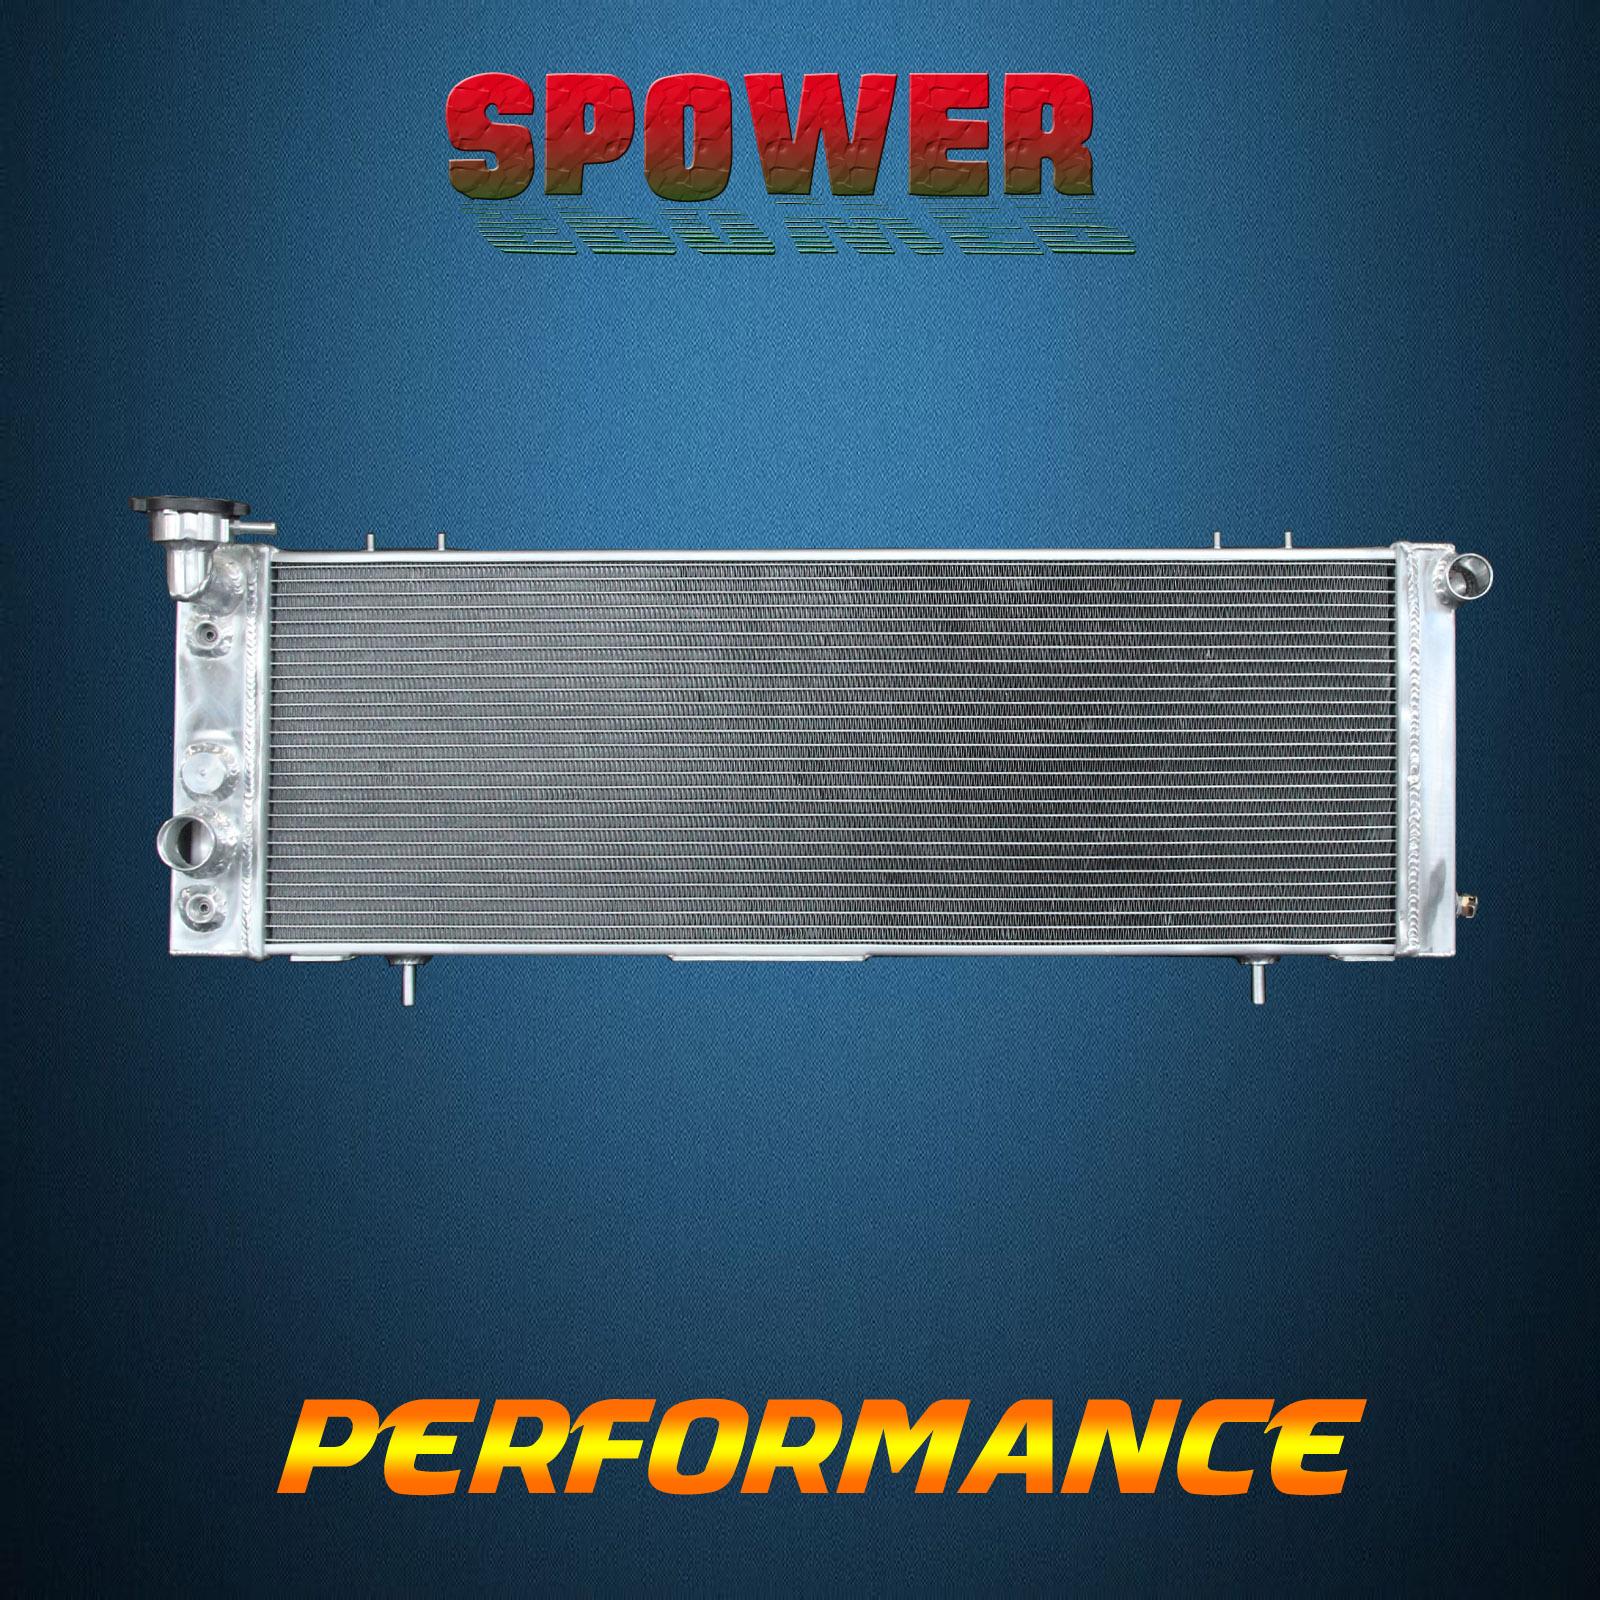 Aluminum Radiator CU1193 for Jeep 91-92 Comanche 1991-2001 Cherokee 2.5L 4.0L